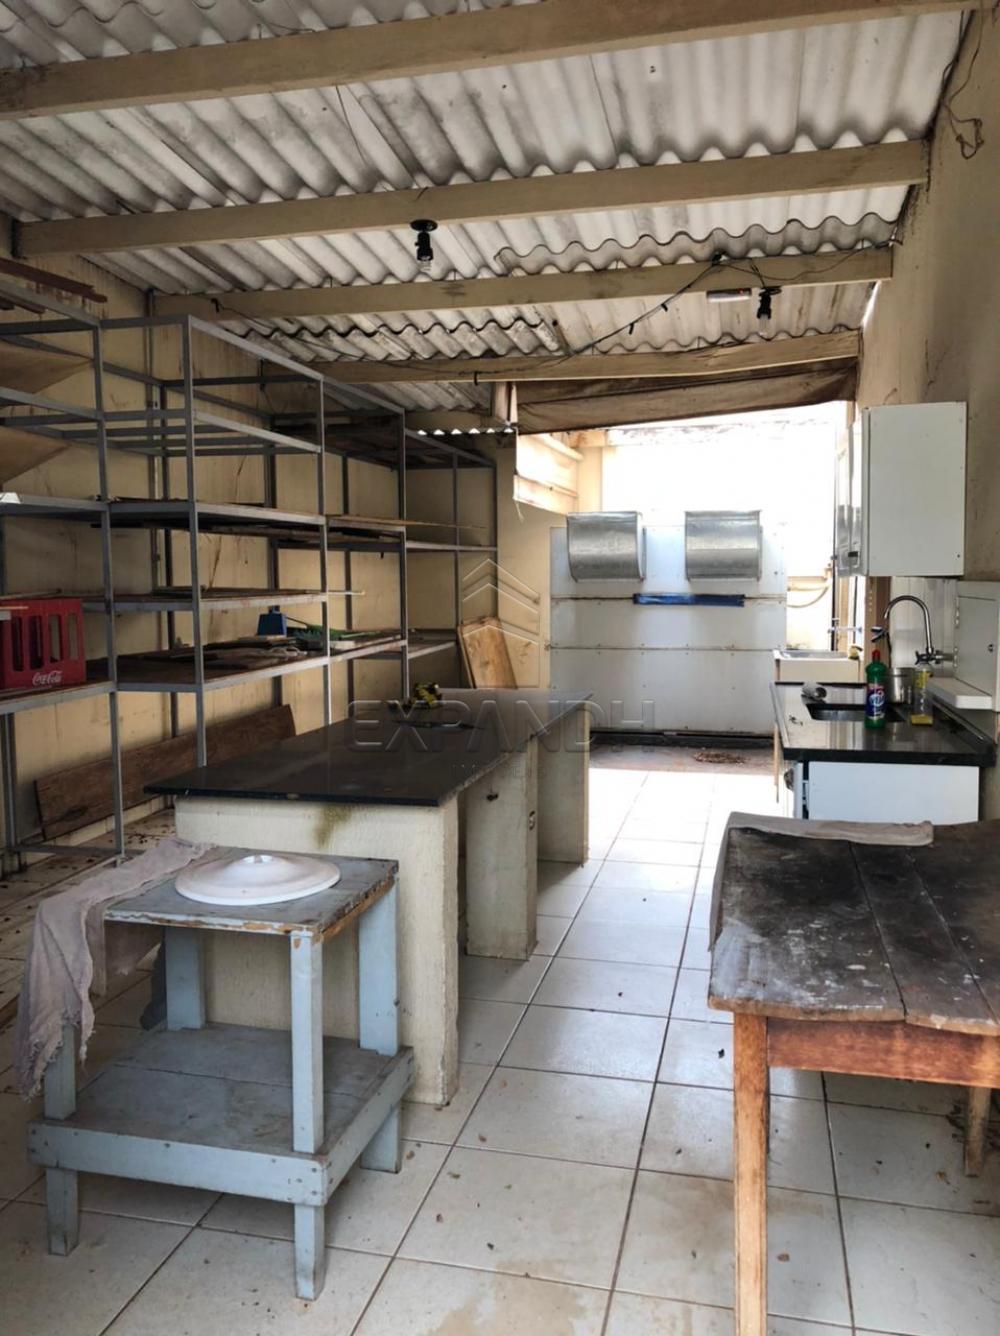 Alugar Comerciais / Salão em Sertãozinho R$ 12.500,00 - Foto 18